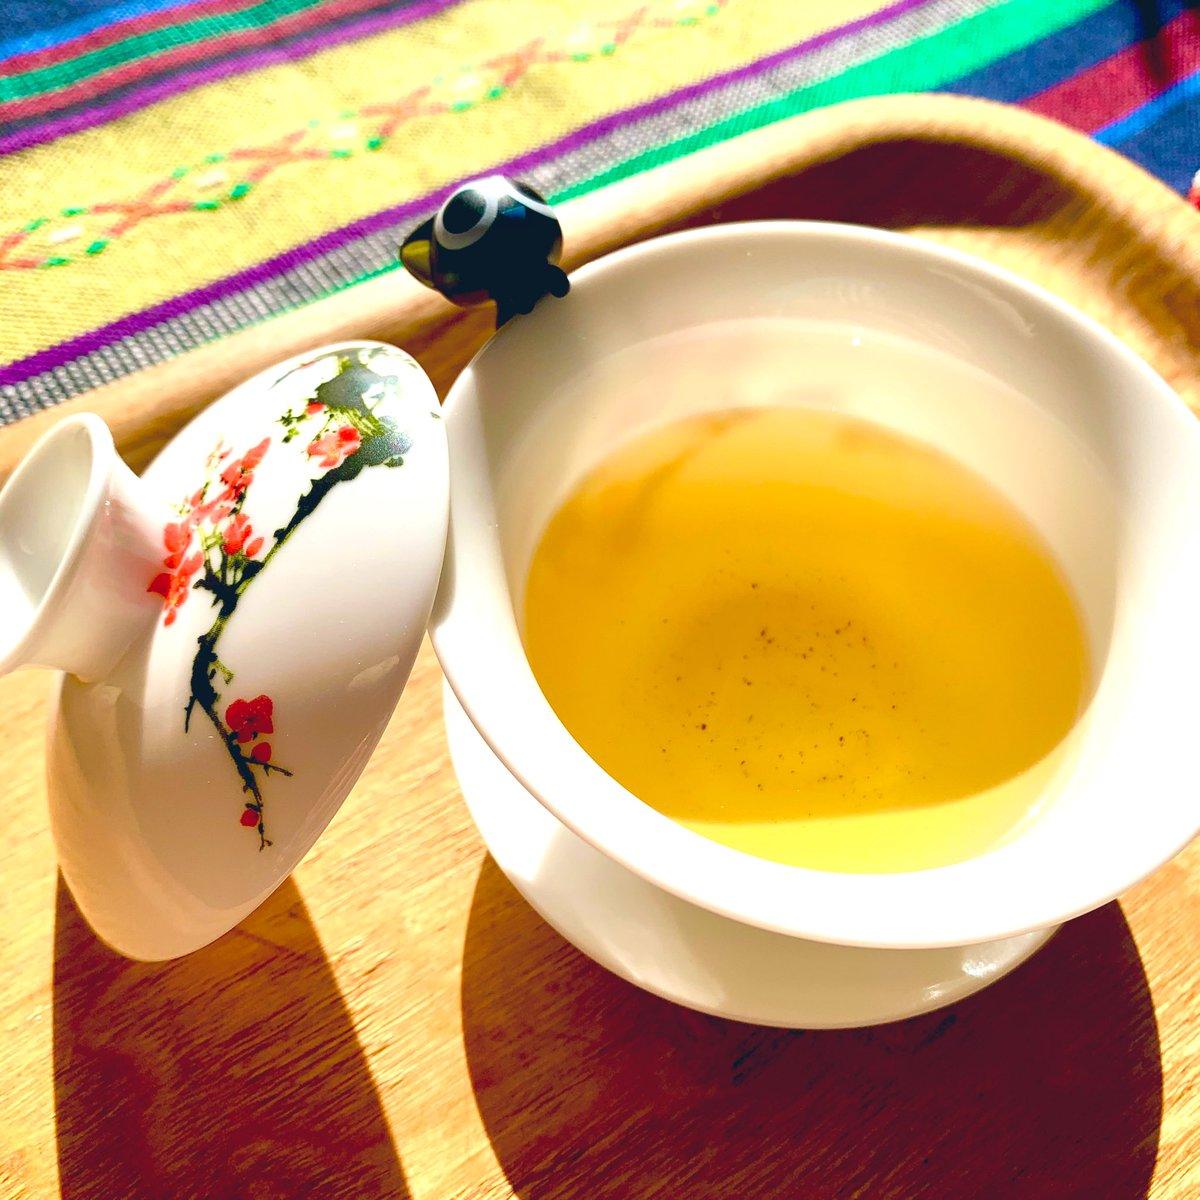 アンソロジー主催者様から記念品にとても素敵な茶器を頂きましたとても薄くて絵柄が透けて綺麗~✨お茶も美味しい!友人からもらった琥珀糖と一緒にいただきました。ありがとうございます🥰